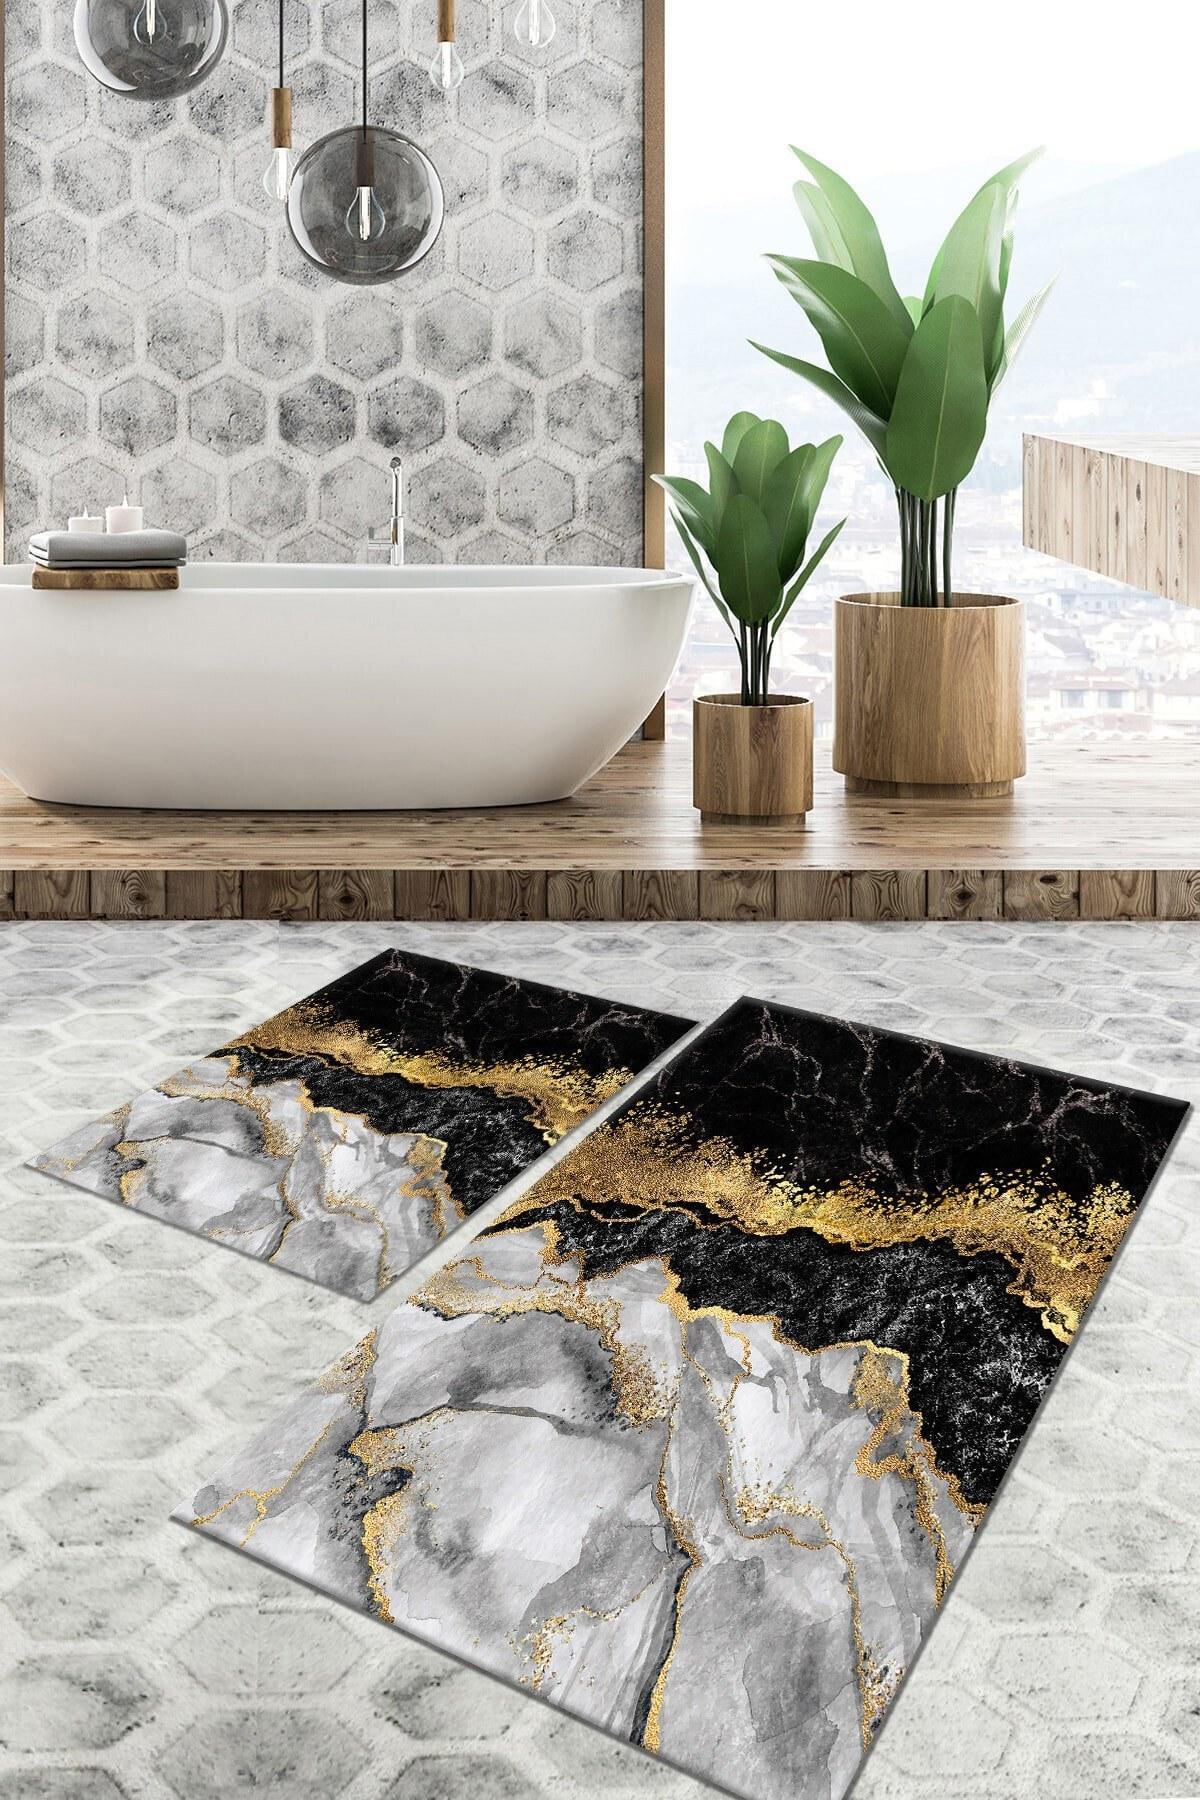 تصویر زیرپایی حمام لژدار قابل شستشو لیز نمیخورد ضد باکتری 60x100cm 50x60cm برند Tulip Dekorativ Halı کد 1628857538